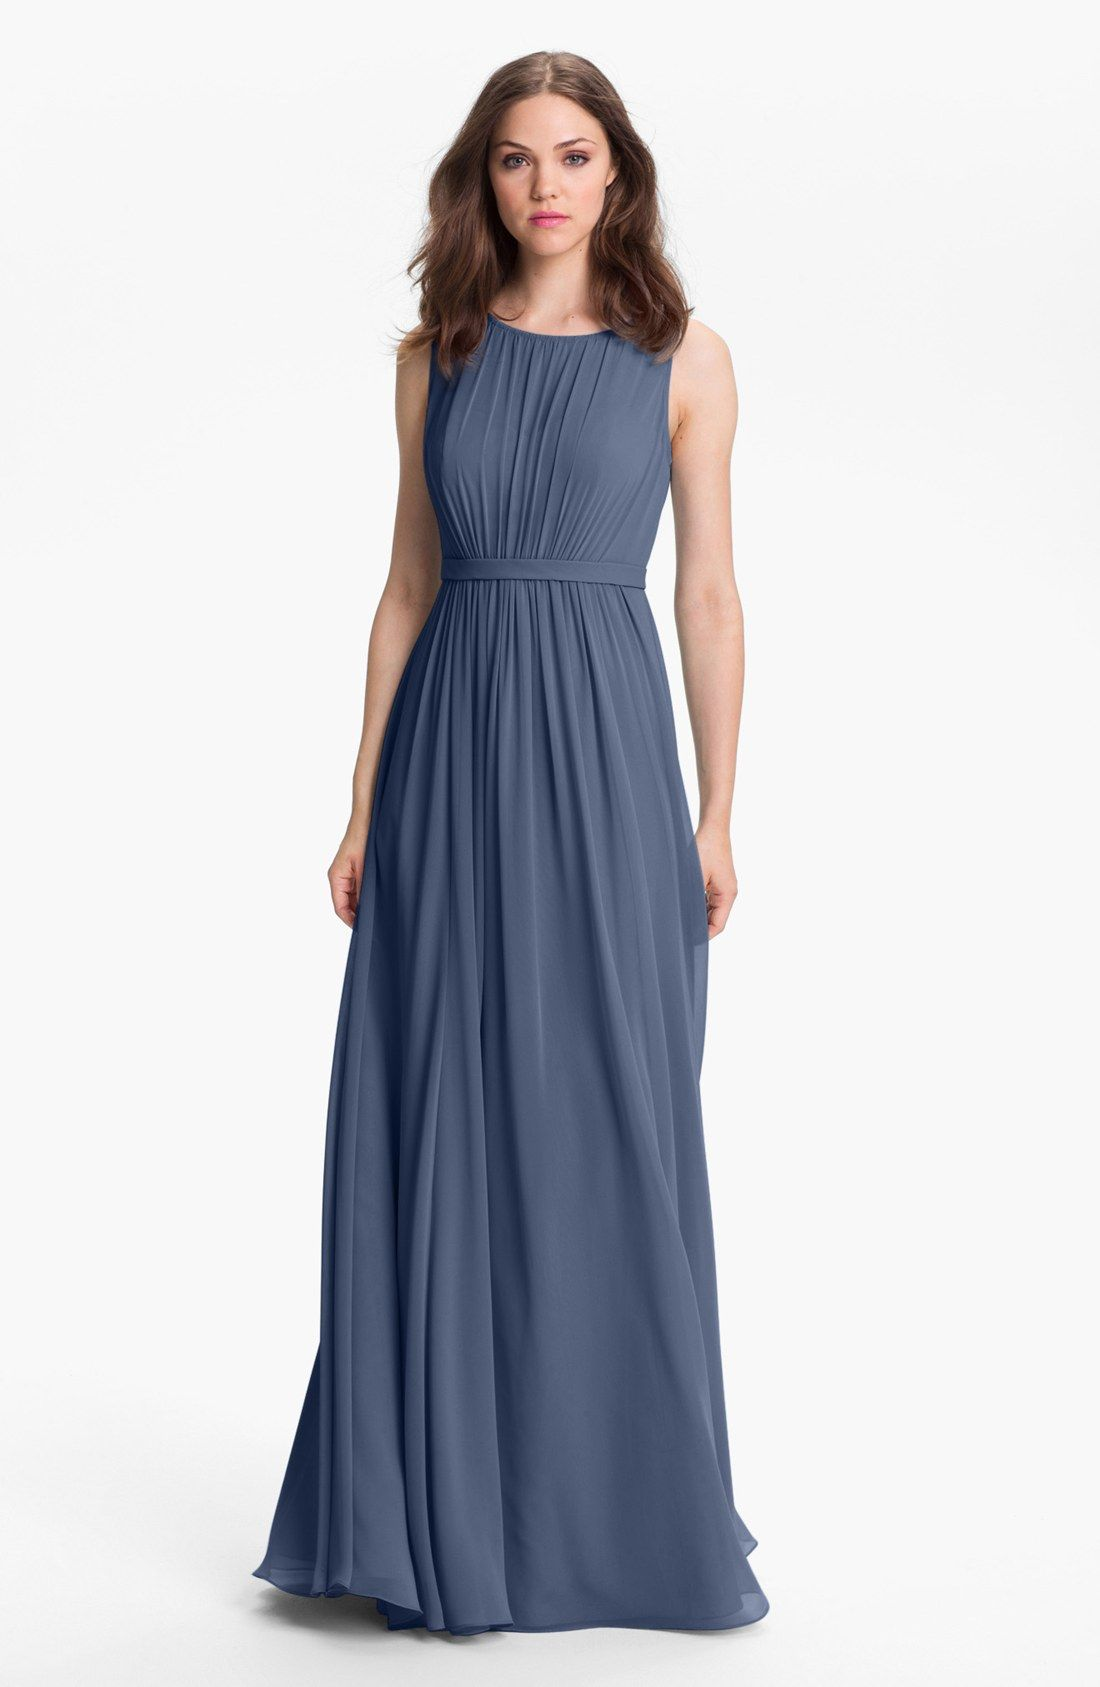 Nordstrom evening maxi dresses